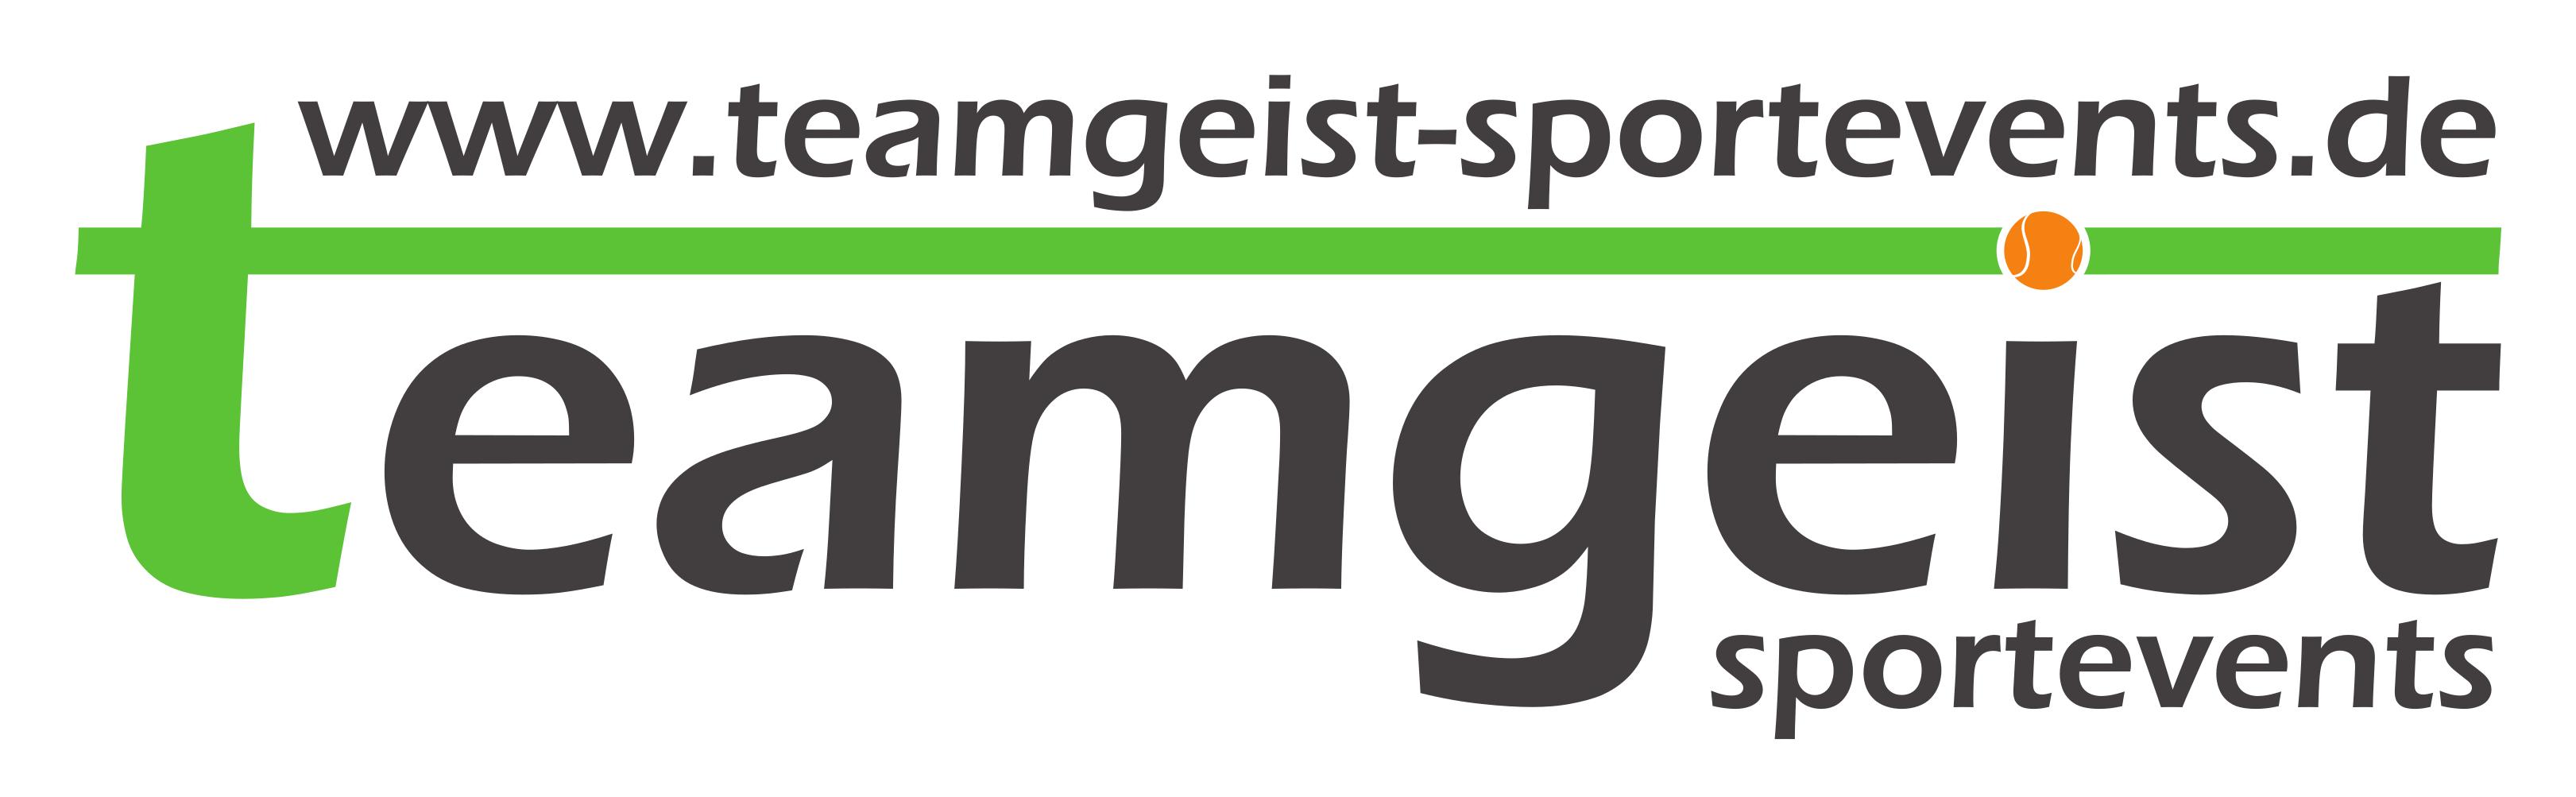 Teamgeist Sportevents